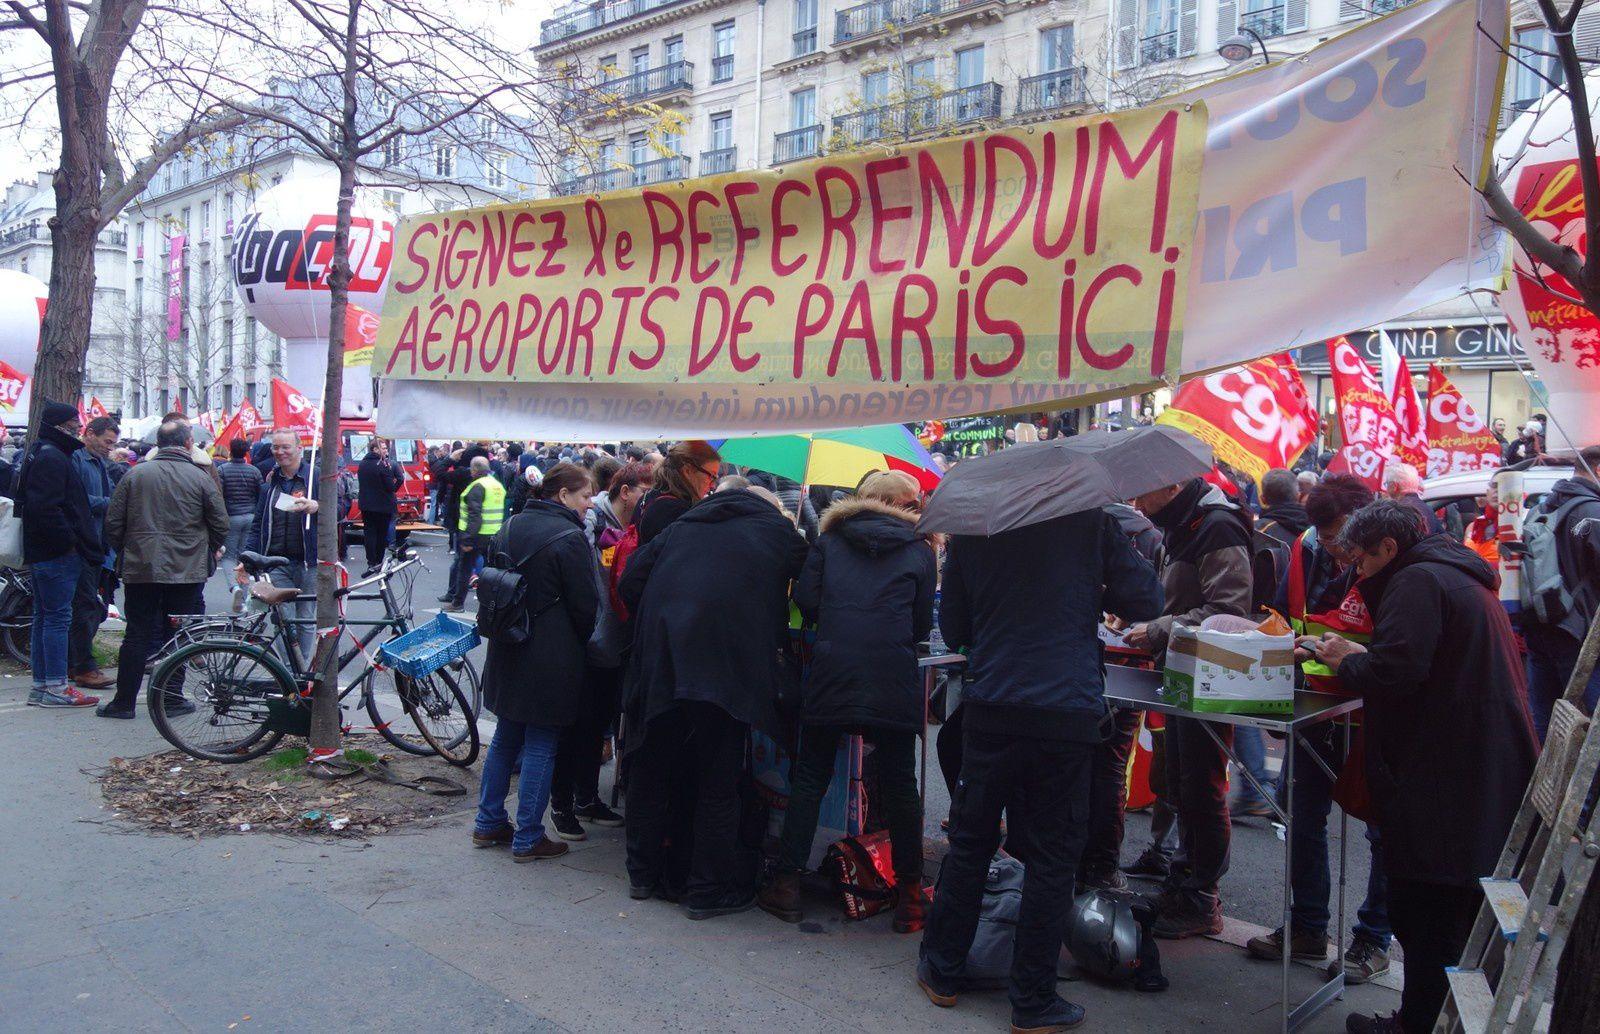 Stand pour collecter des soutiens à l'organisation d'un référendum sur ADP, en marge d'une manifestation contre la réforme des retraites, à Paris le 17 décembre 2019.